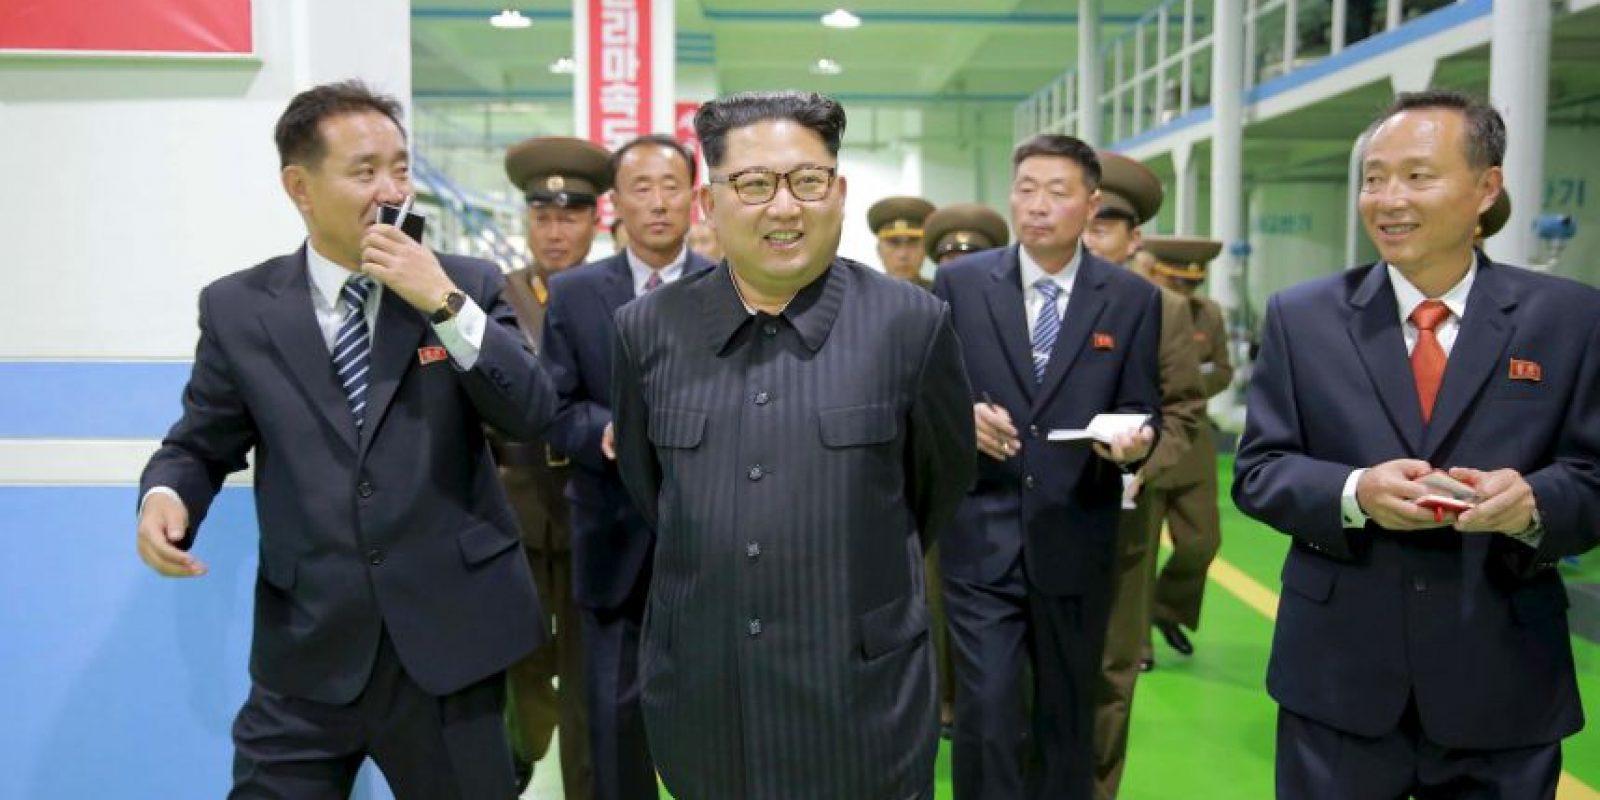 Sin embargo, hay rumores de que podría estar embarazada Foto:AFP